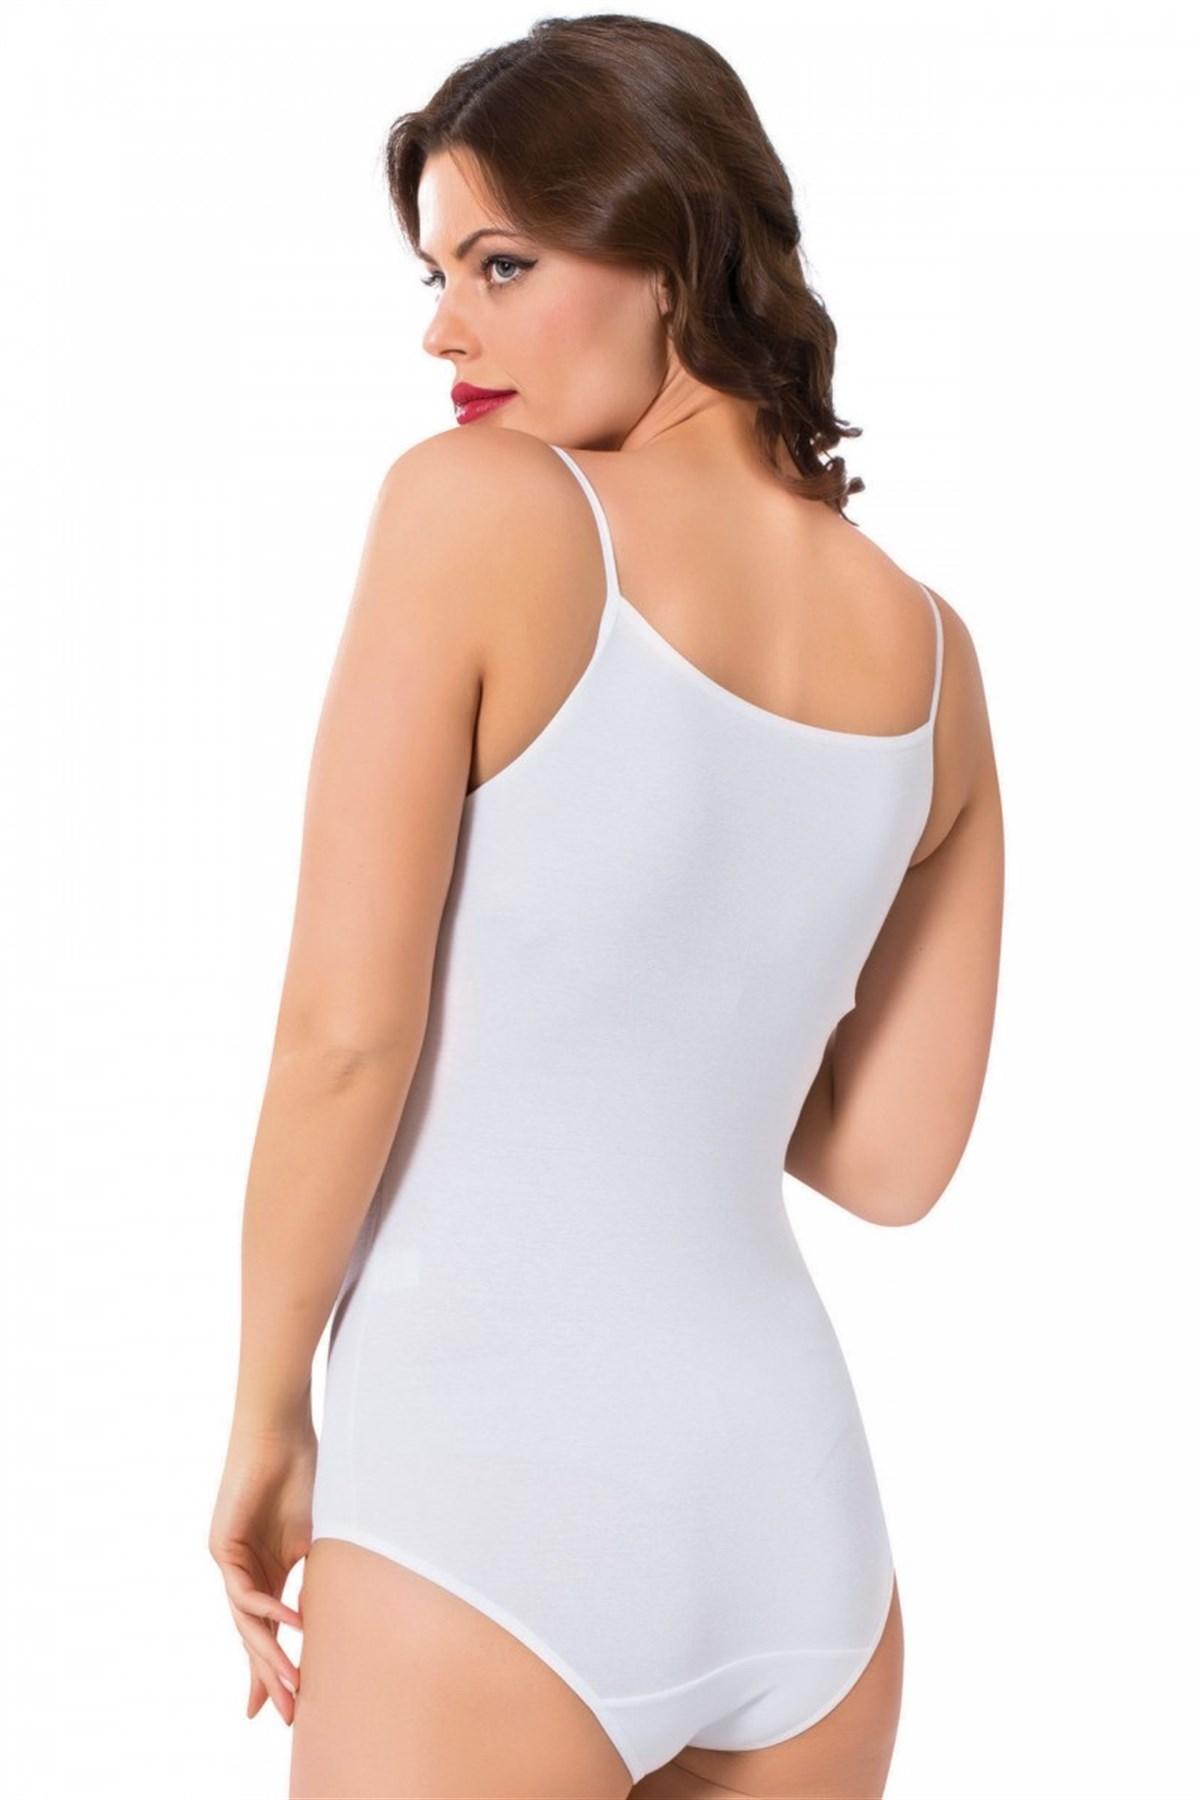 Moda Çizgi Bayan İp Askılı Çıtçıtlı Body 240